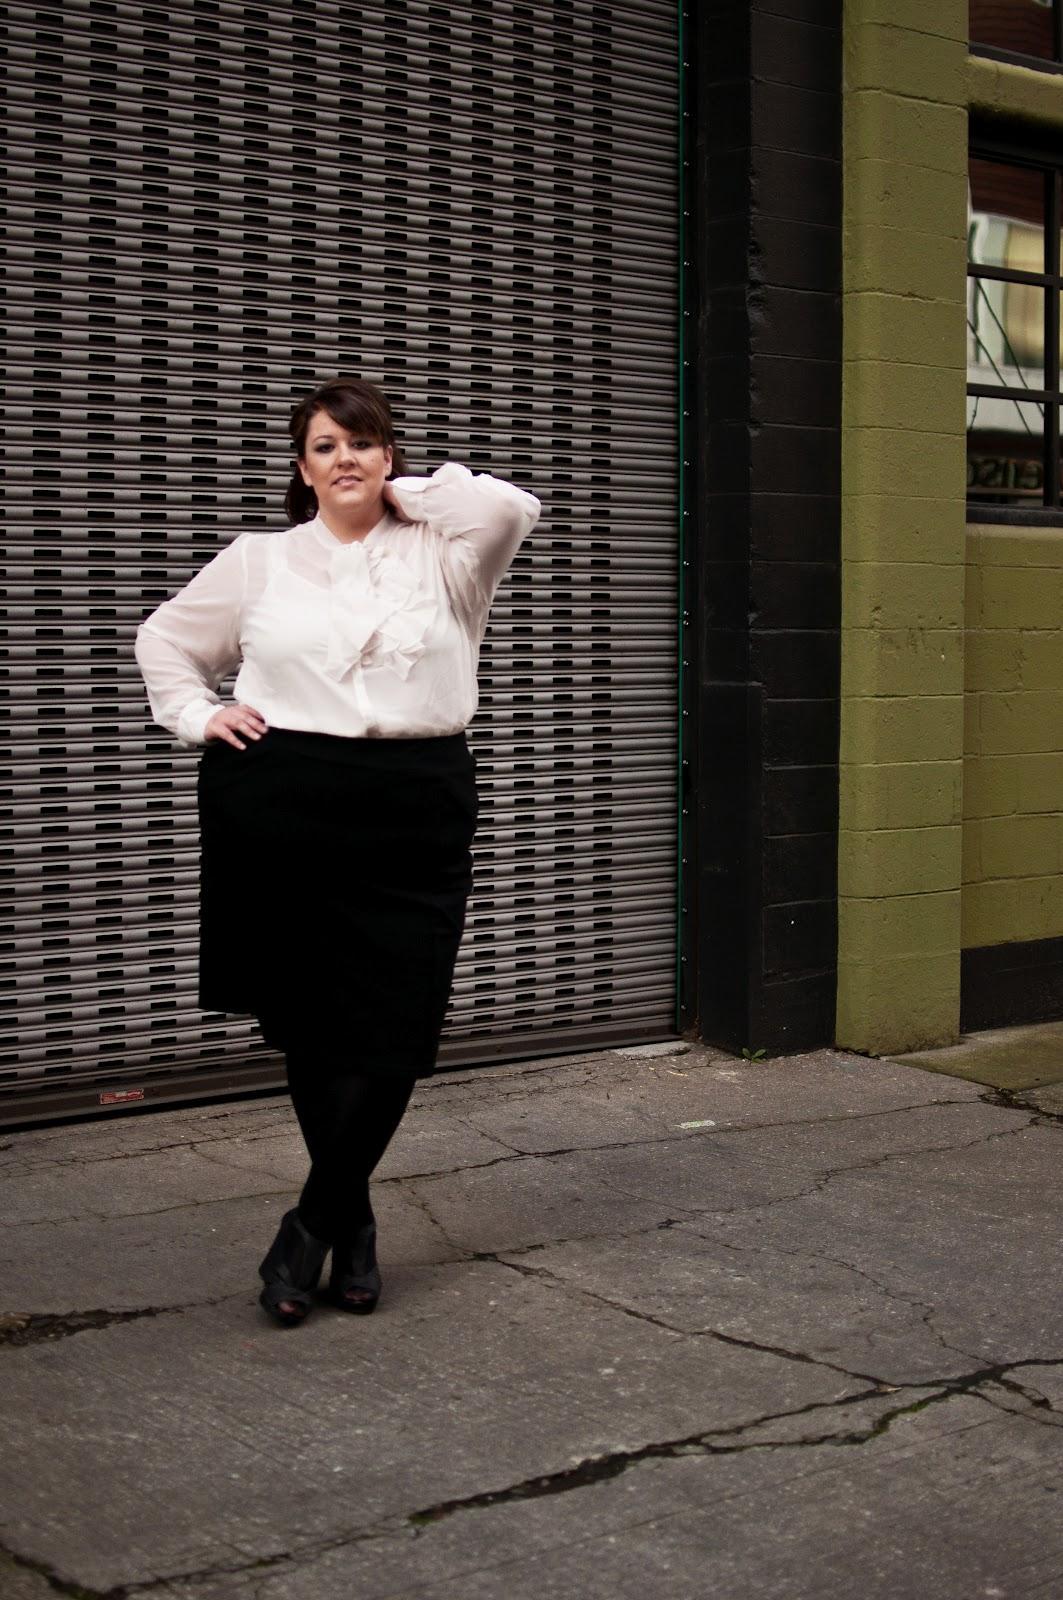 Jessica Kane, do Fatshion Chic, também dos Estados Unidos